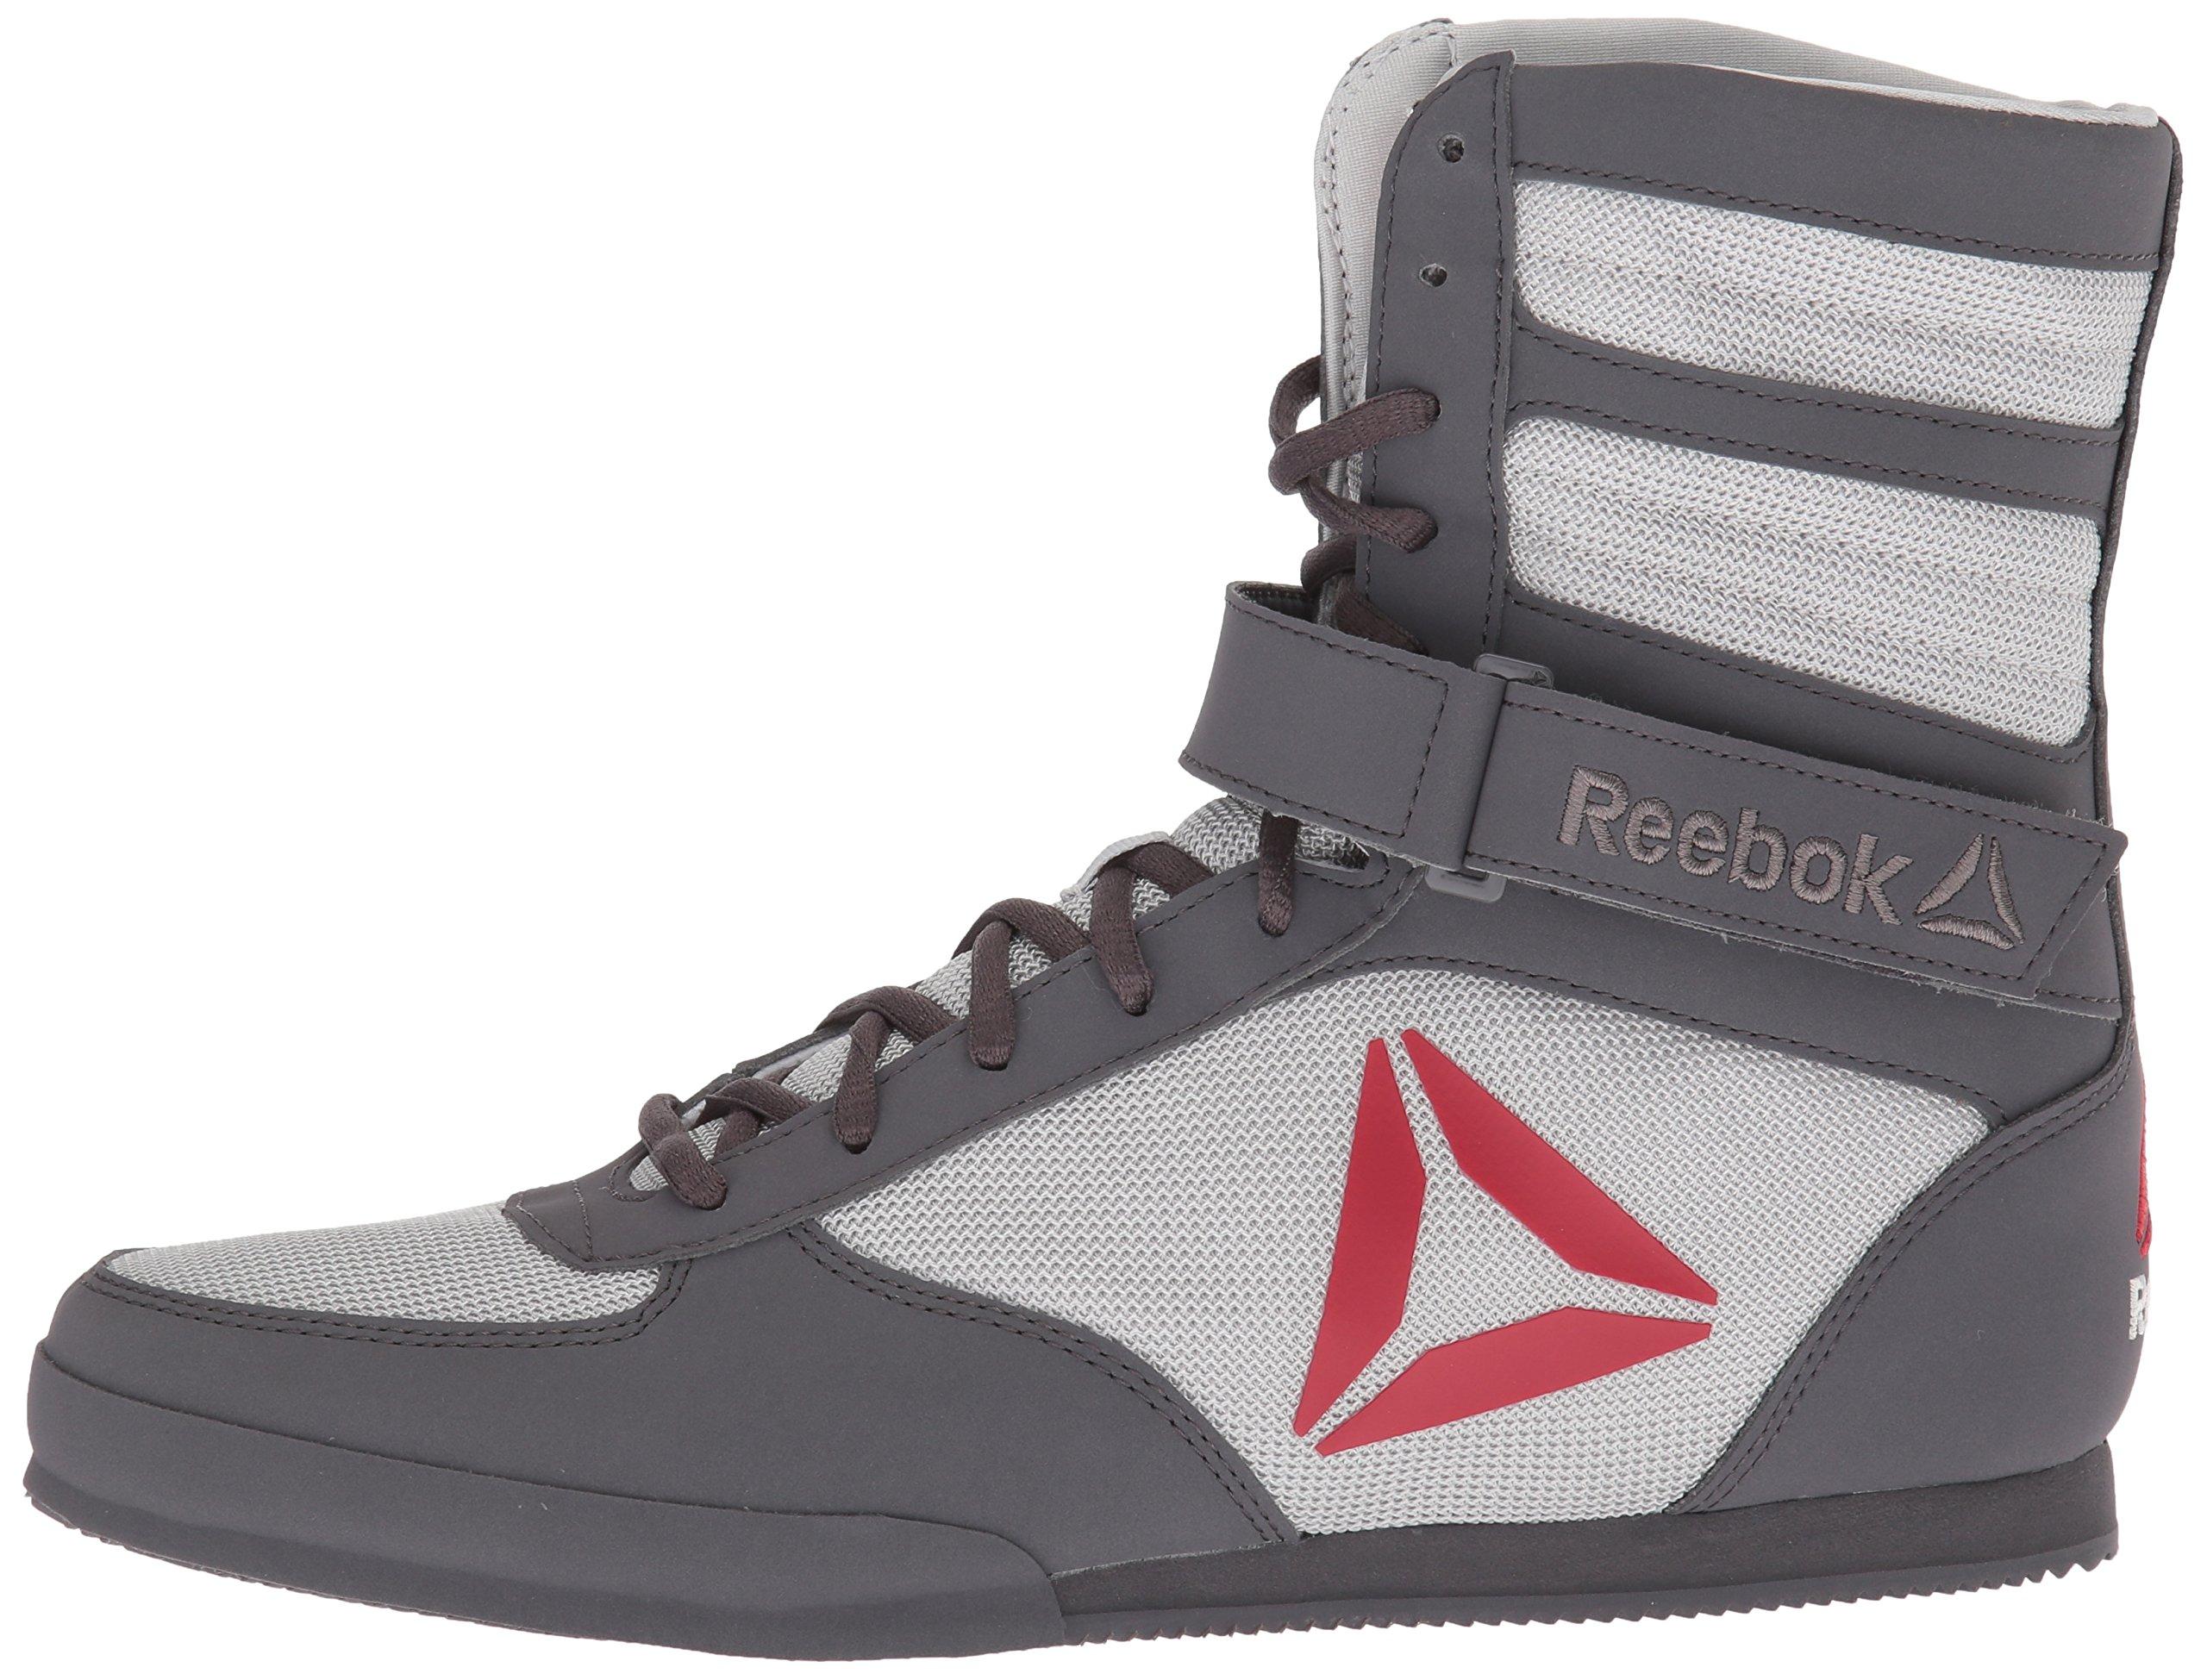 a3364ecaeda3 Reebok Men s Boxing Boot-Buck Cross Trainer - Boxing914.com